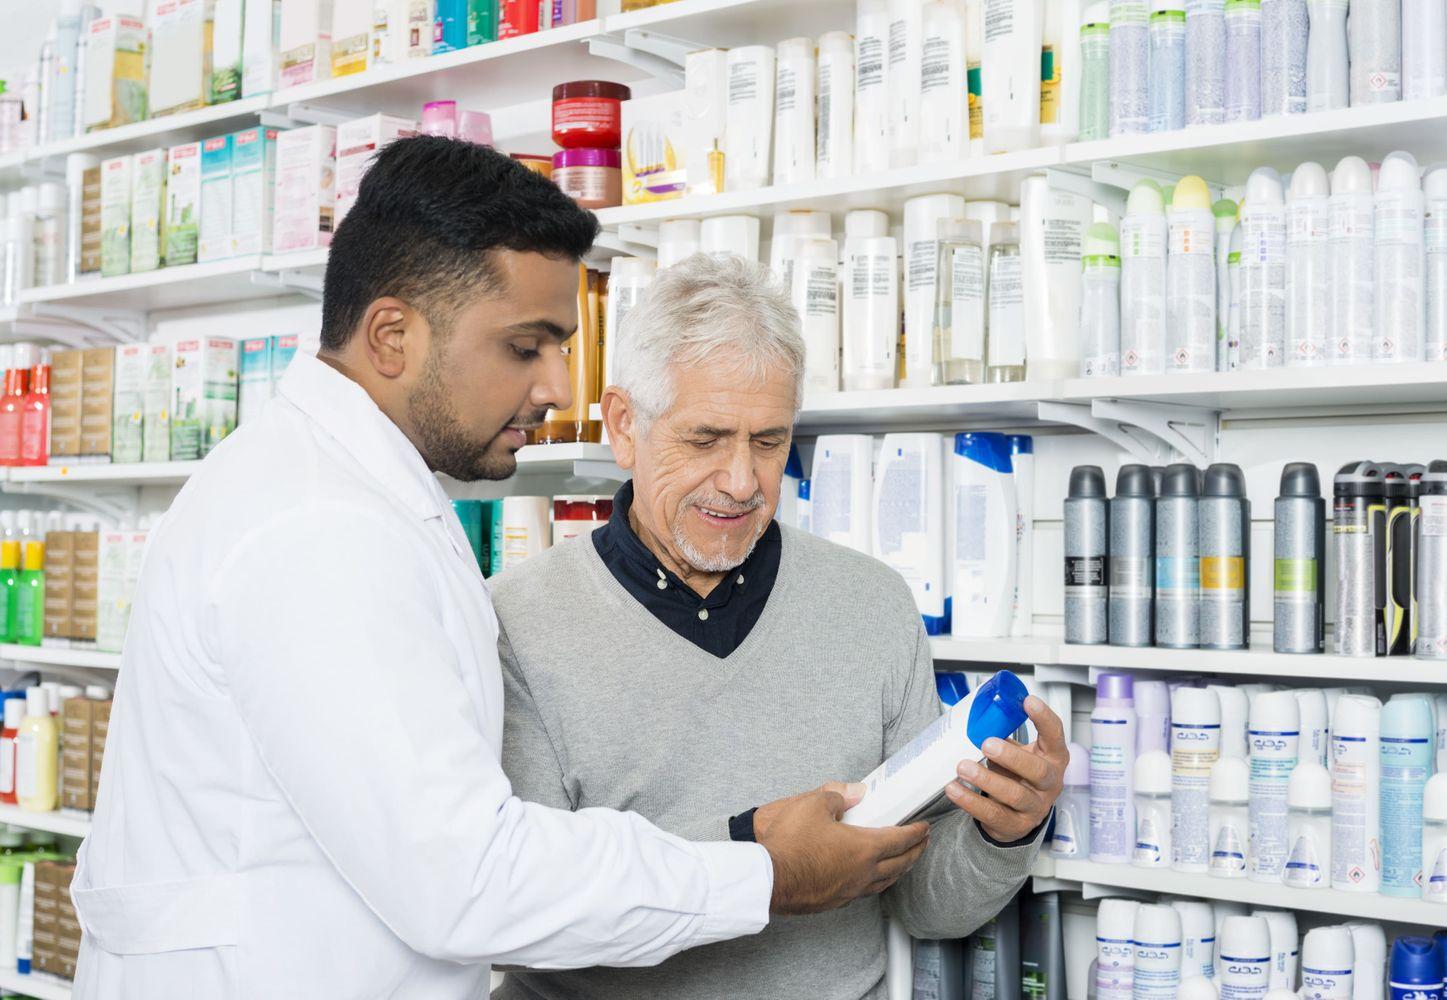 Pharmacy Image(58).jpg